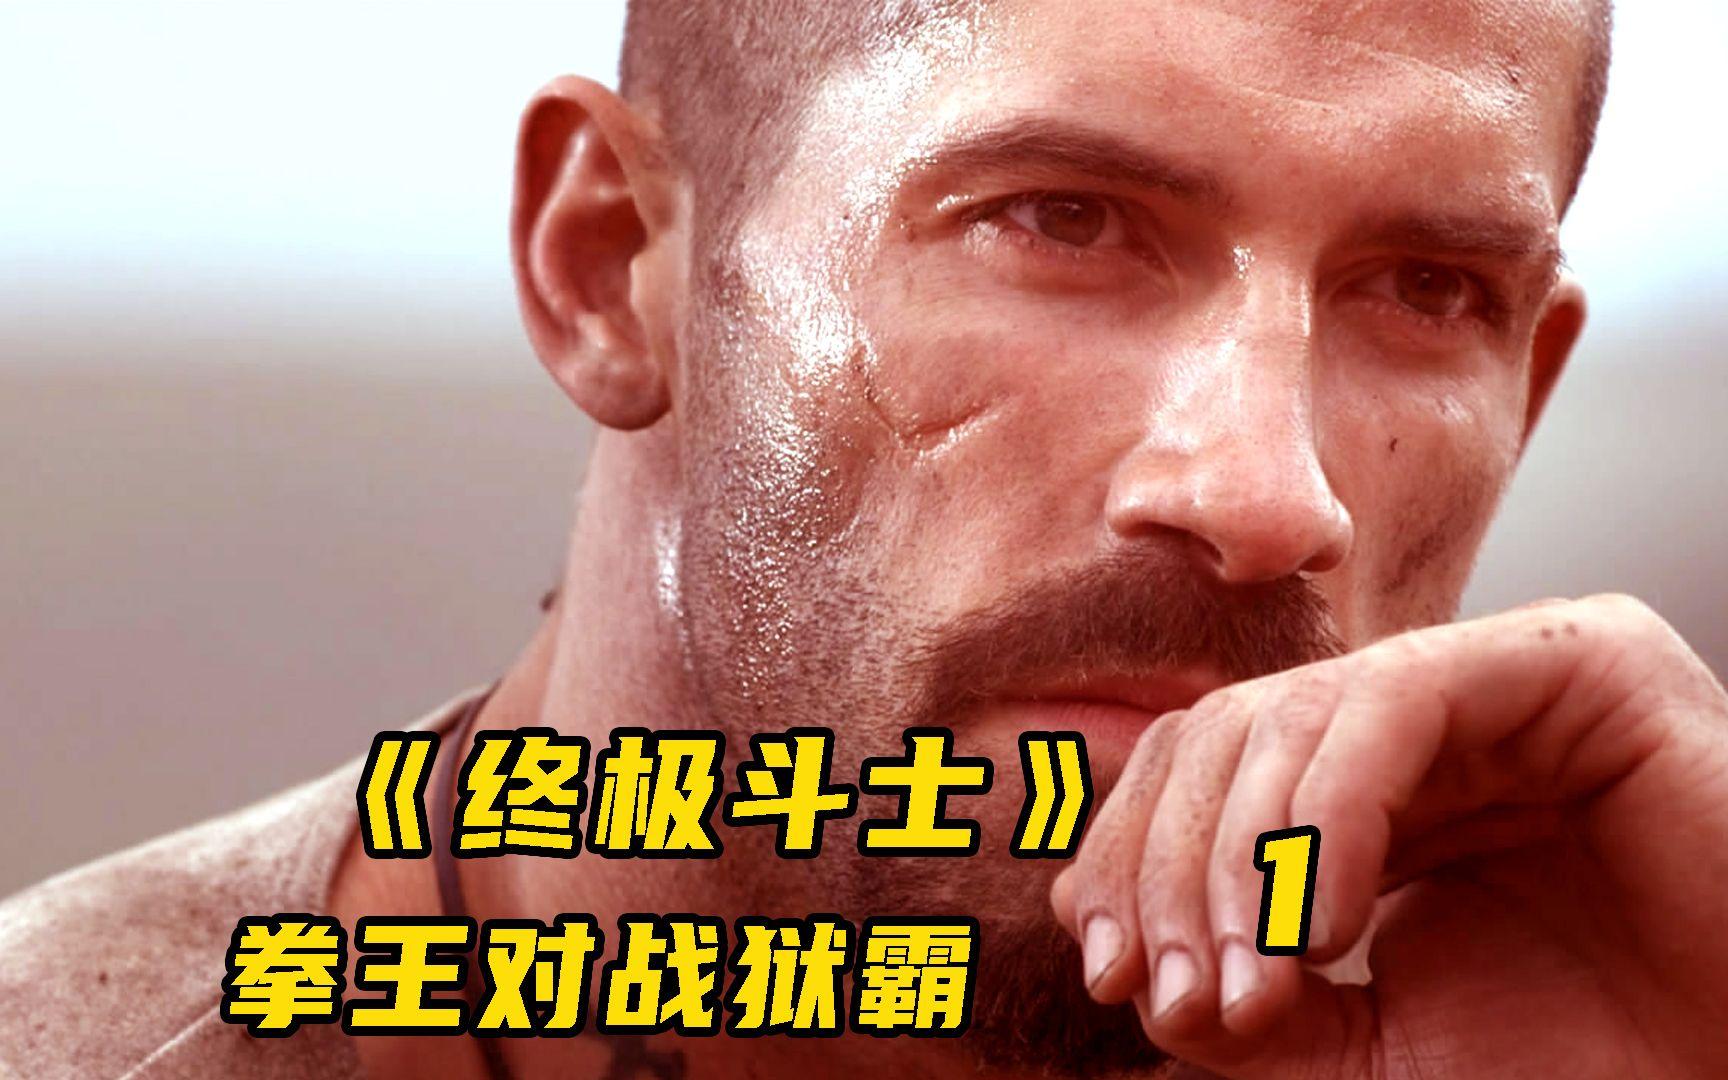 监狱的格斗之王伯伊卡对战拳击冠军,超然动作片